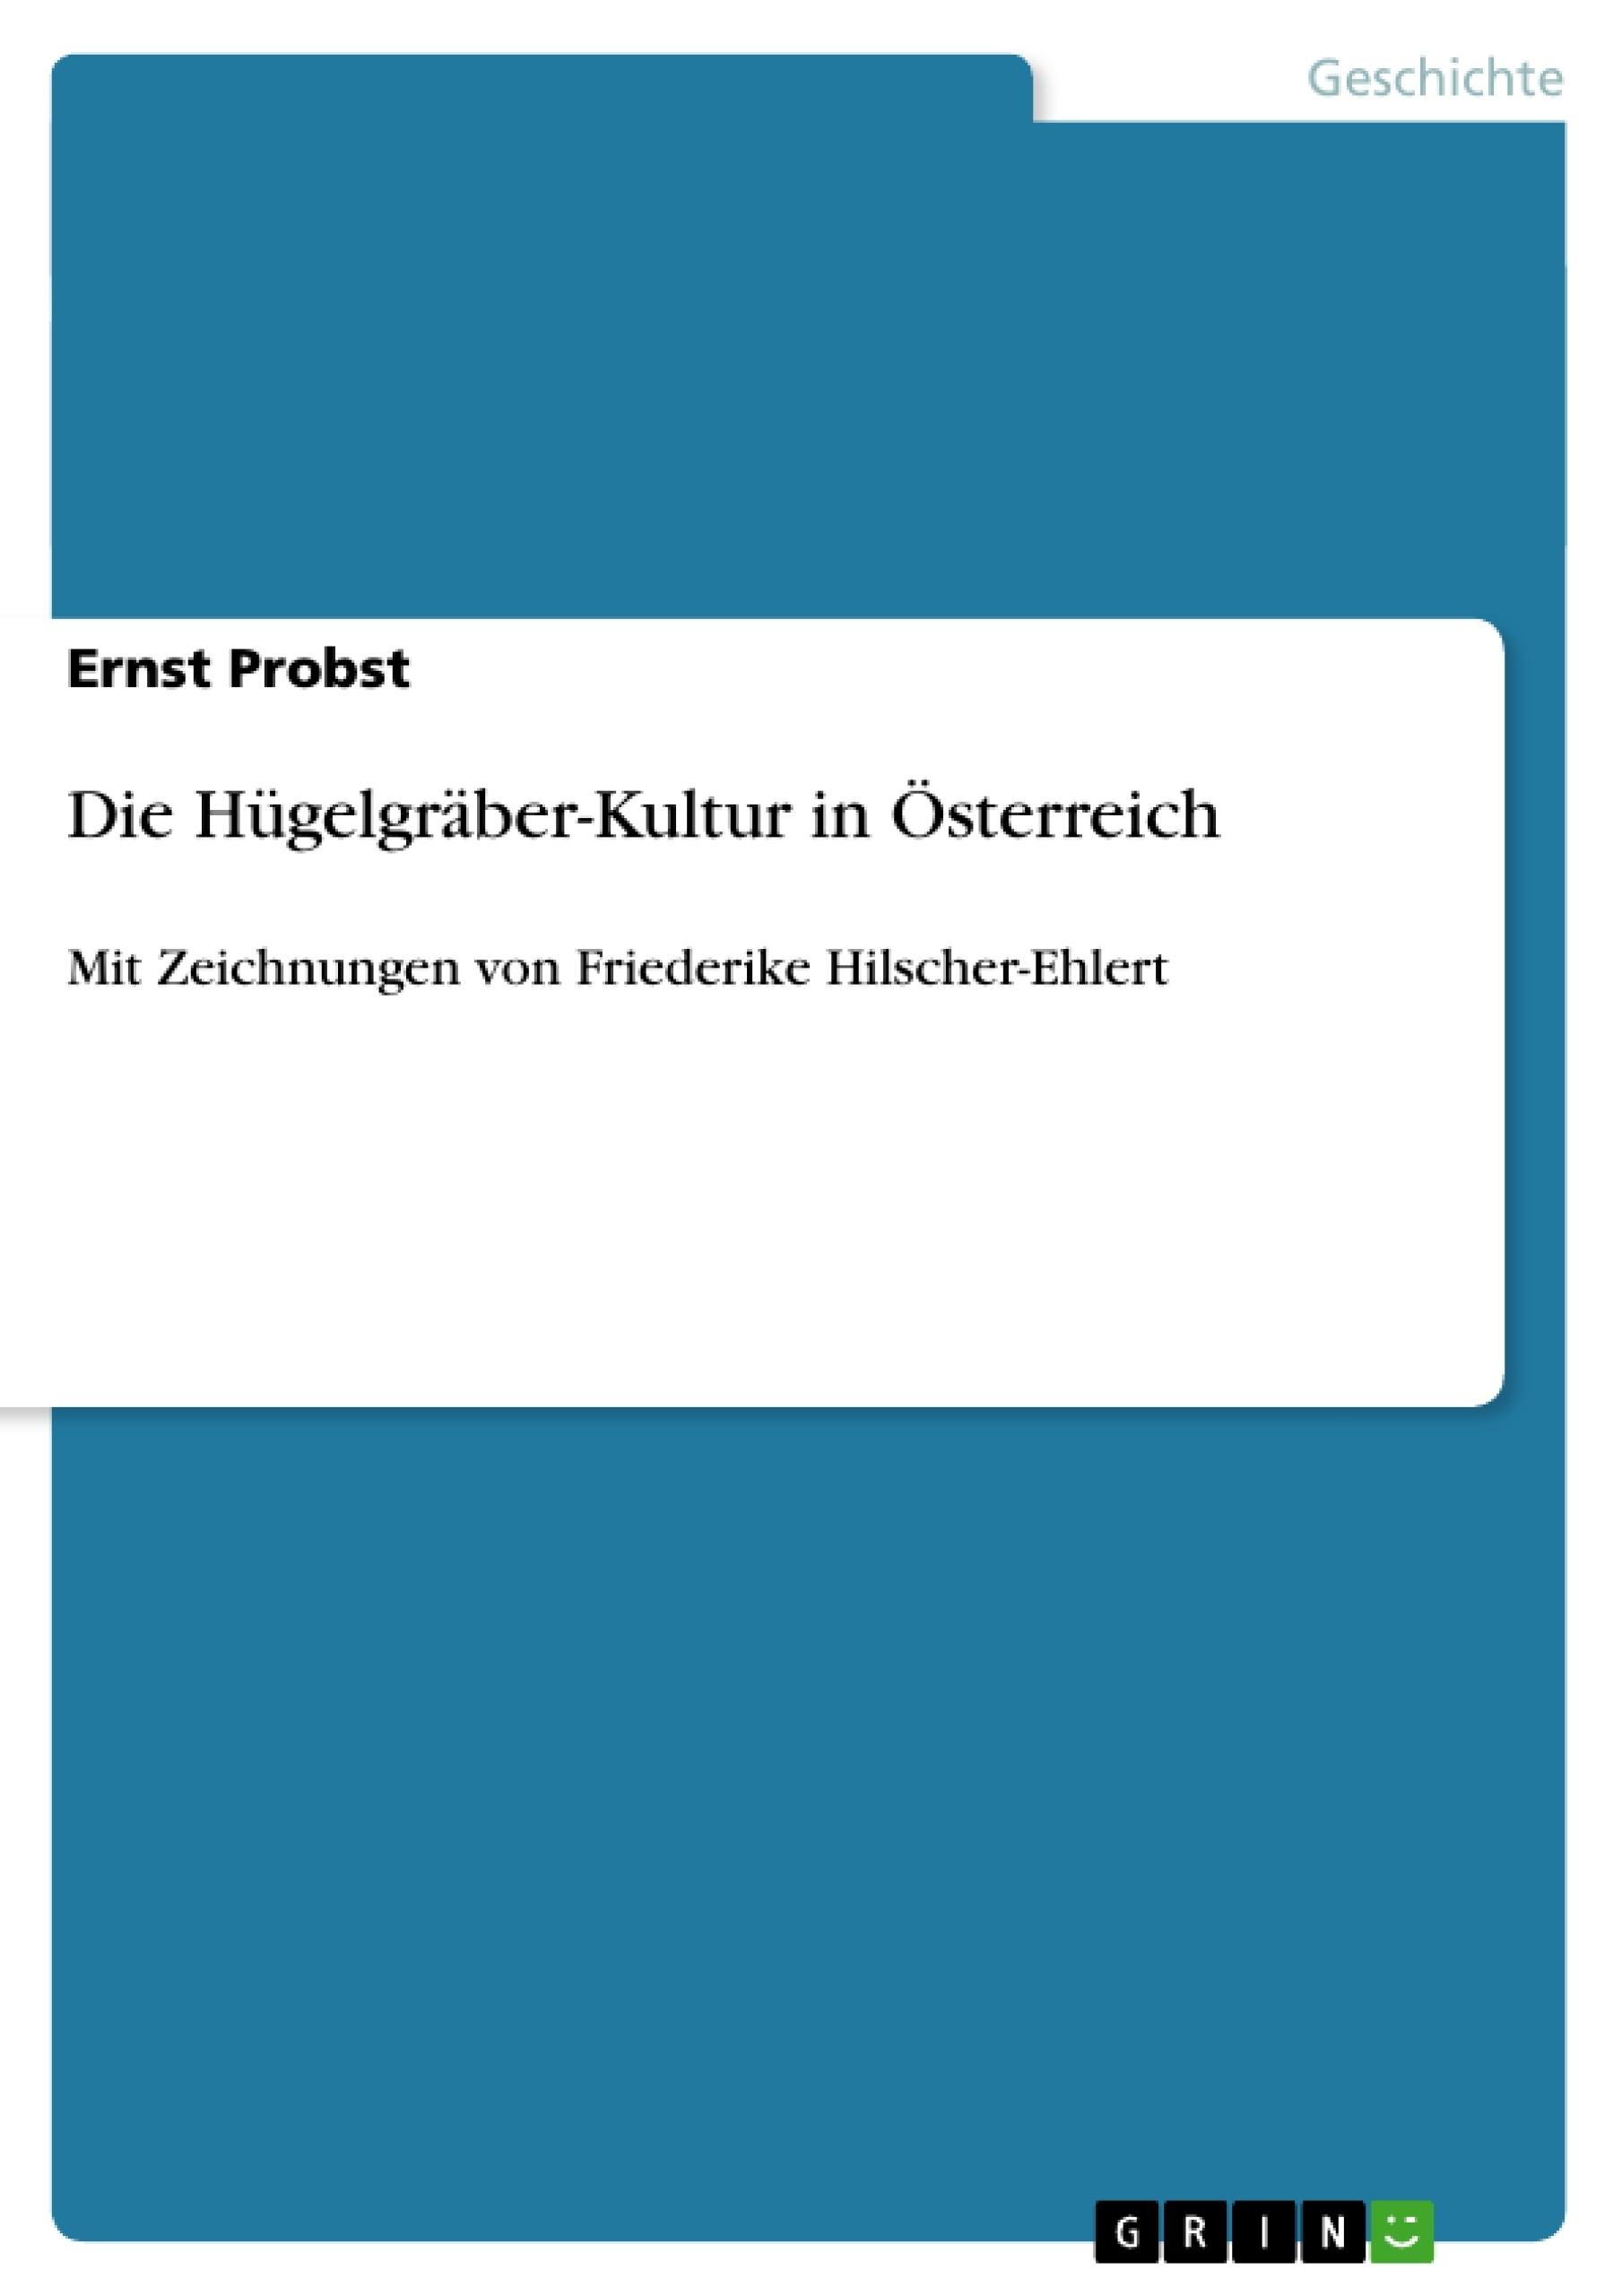 Titel: Die Hügelgräber-Kultur in Österreich